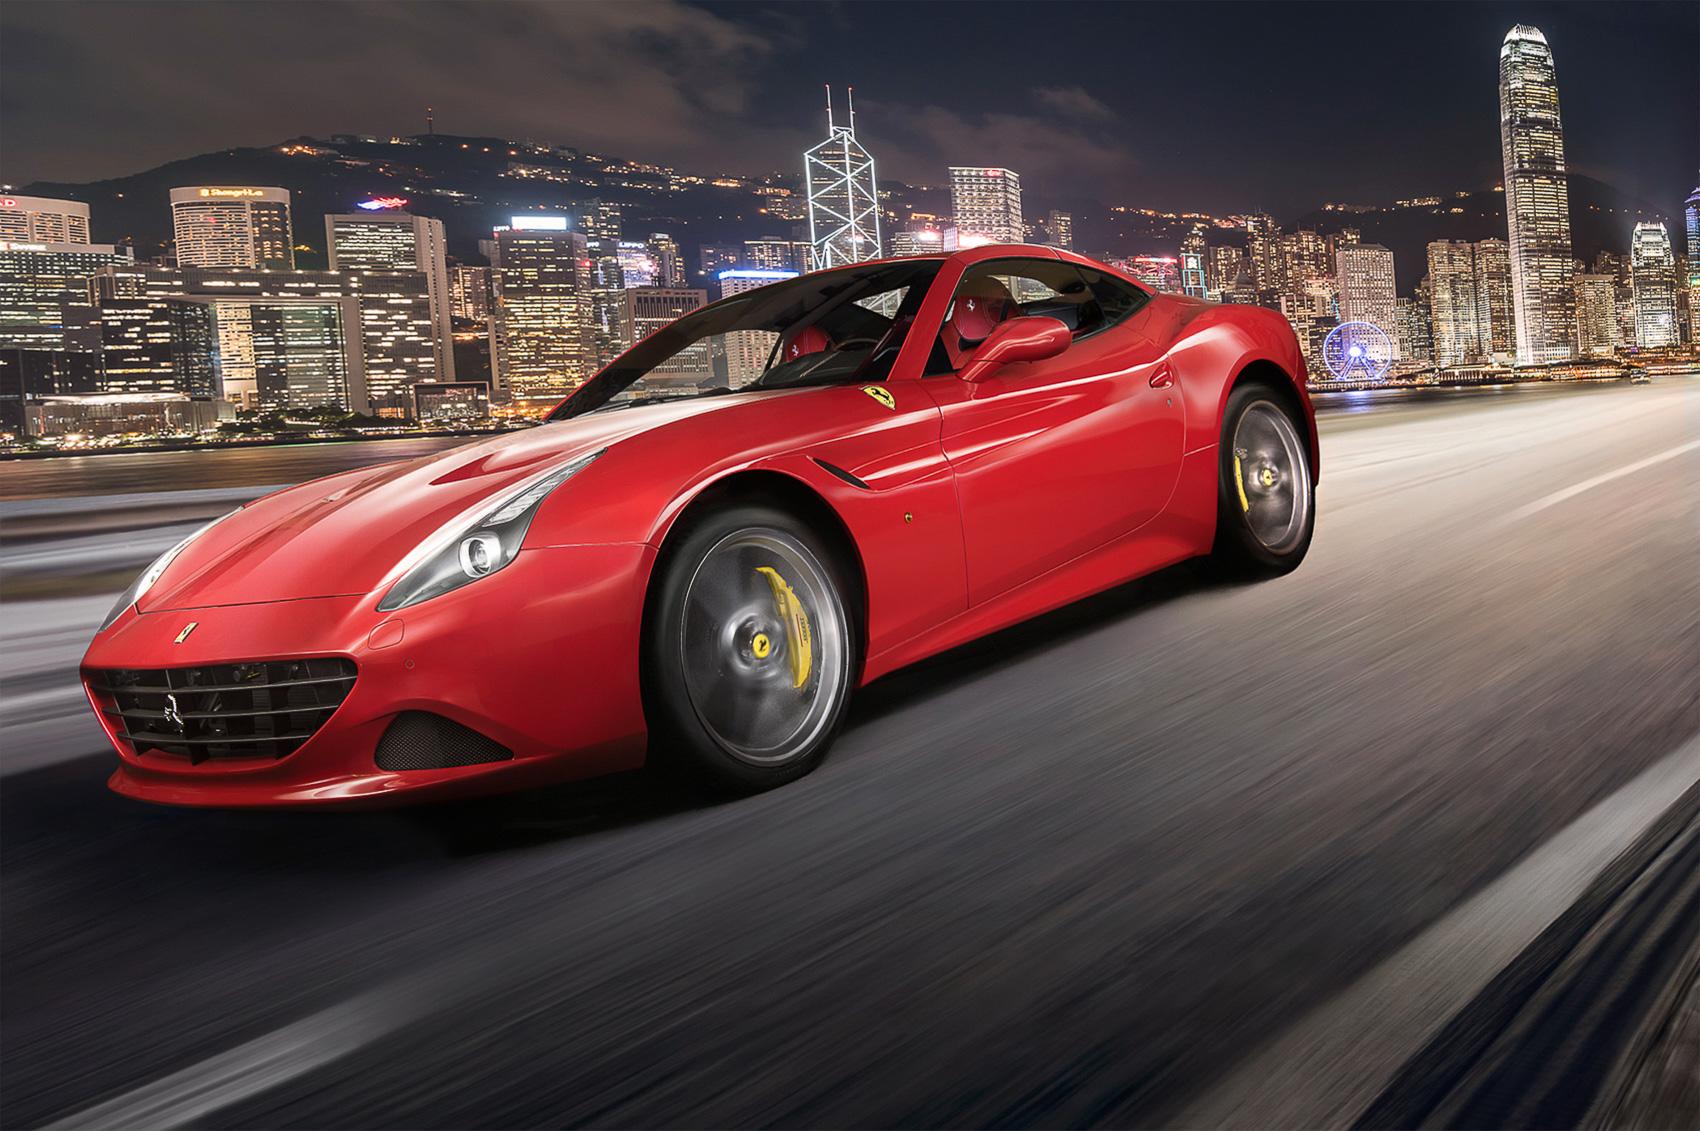 Ferrari-HONGKONG NIGHT.jpg